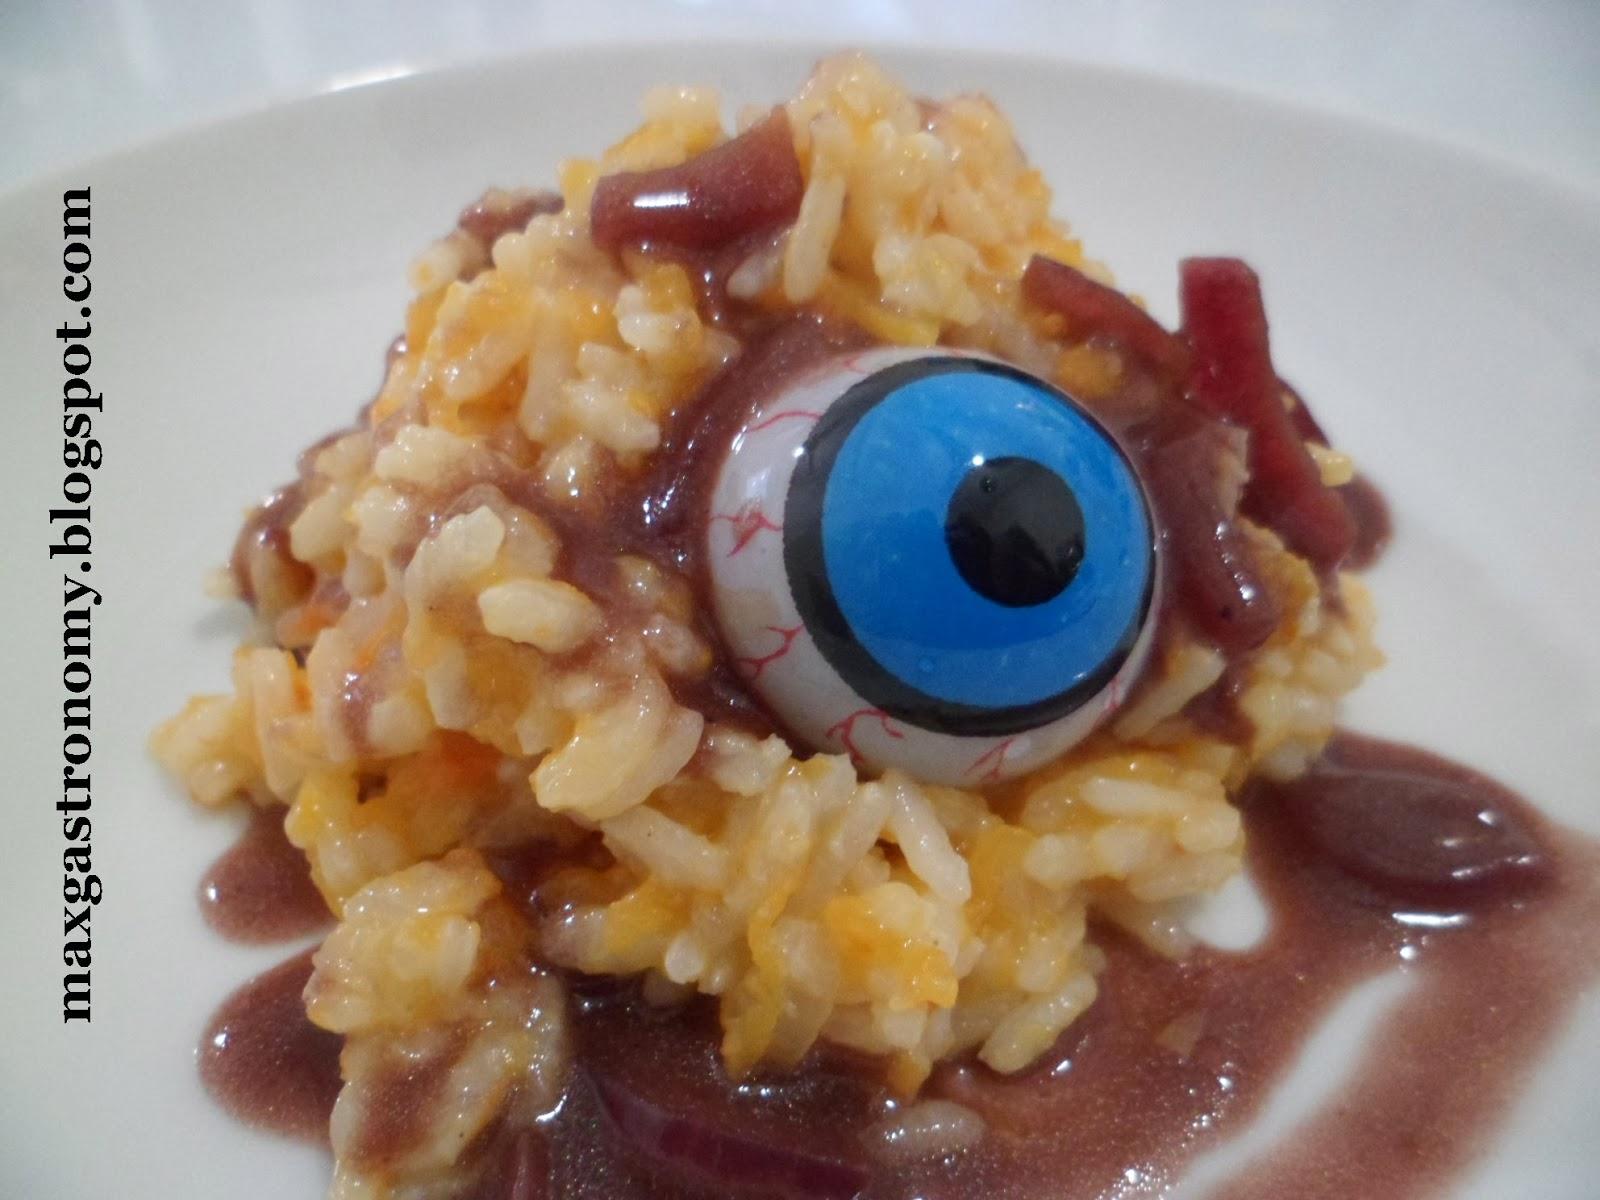 comidas de halloween 10 receitas de arrepiar : Halloween - Risoto de Ab?bora com Redu??o de Vinho Tinto ...